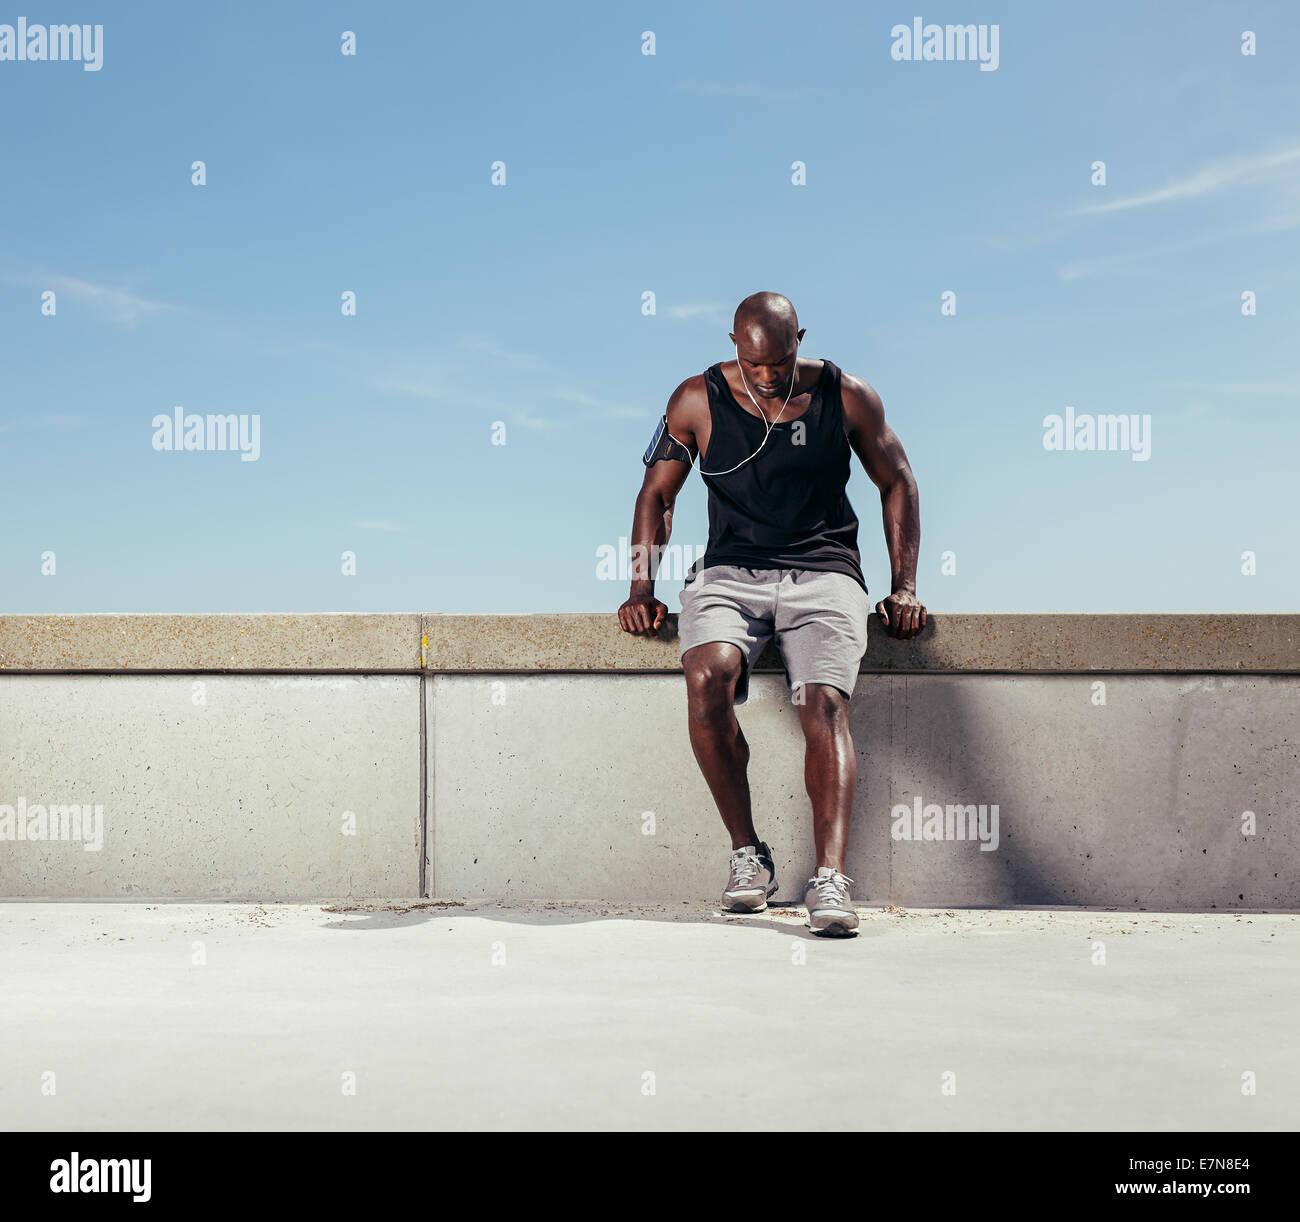 Jeune homme musclé qui souffle après sa course. Athlète masculin de l'Afrique à l'extérieur Photo Stock